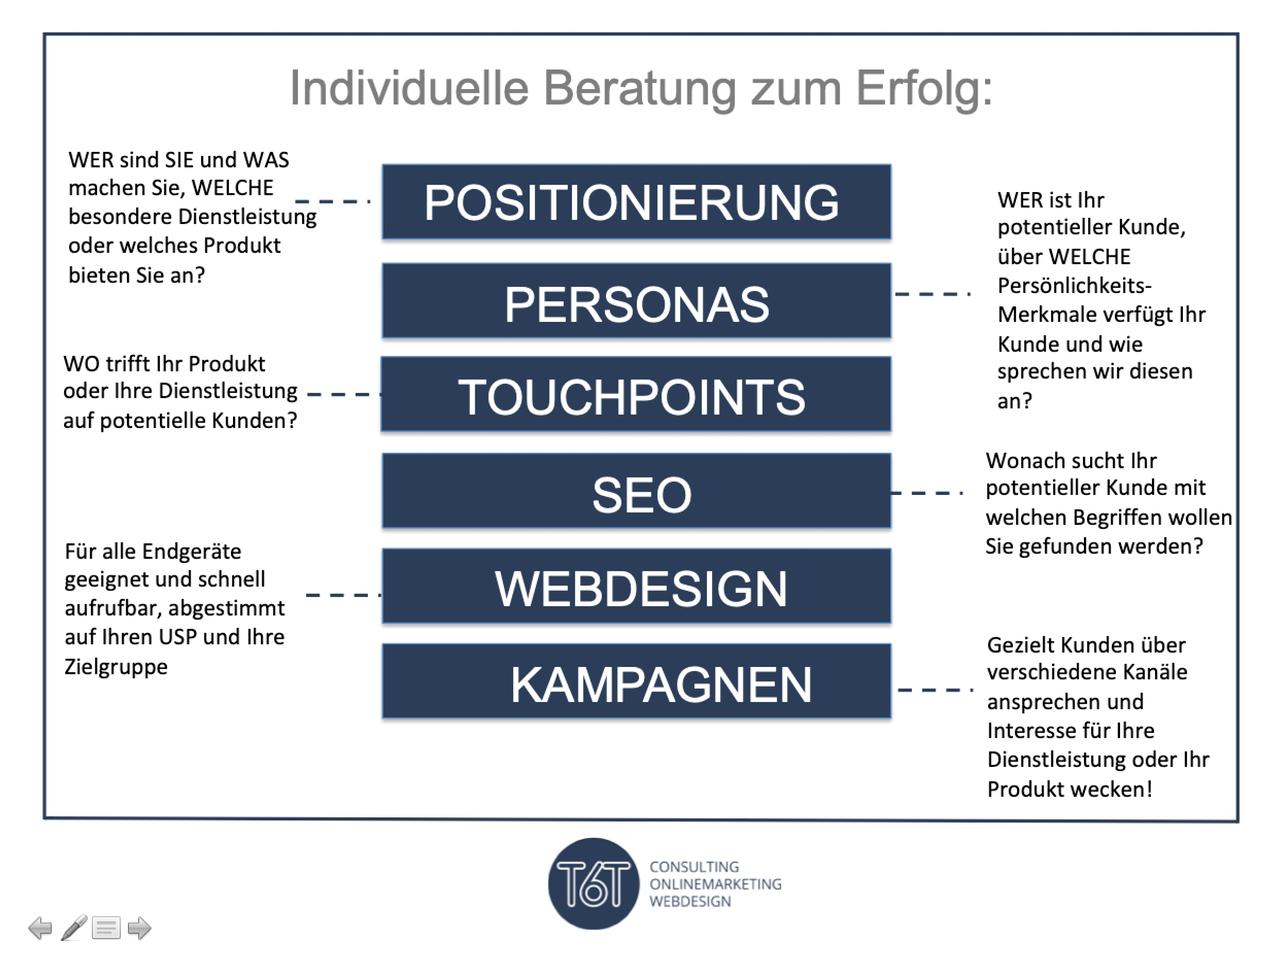 Grafik zum Beratungsablauf mit relevanten Stufen